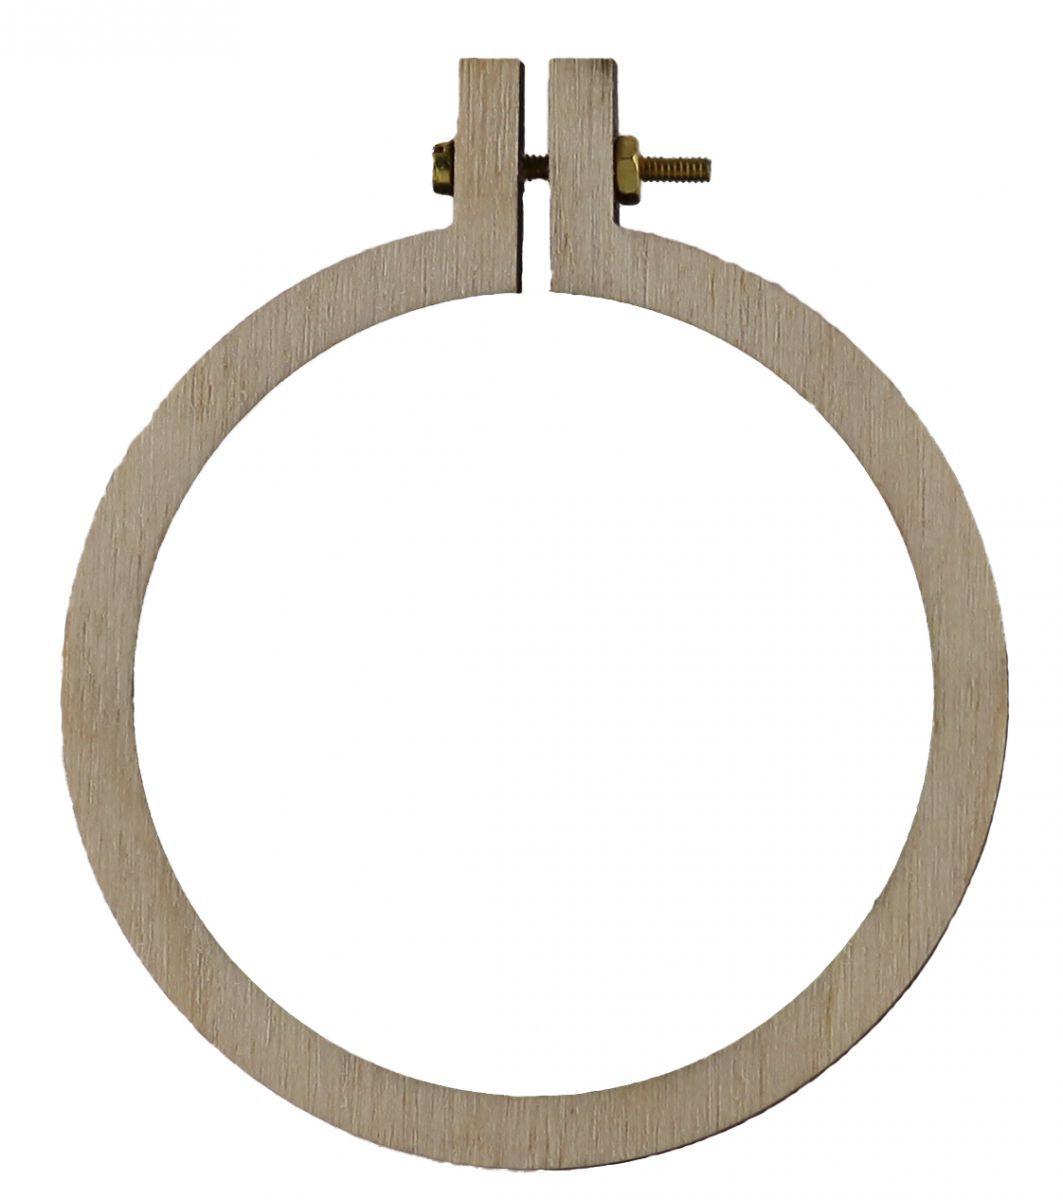 embroidery hoop wood 5 cm